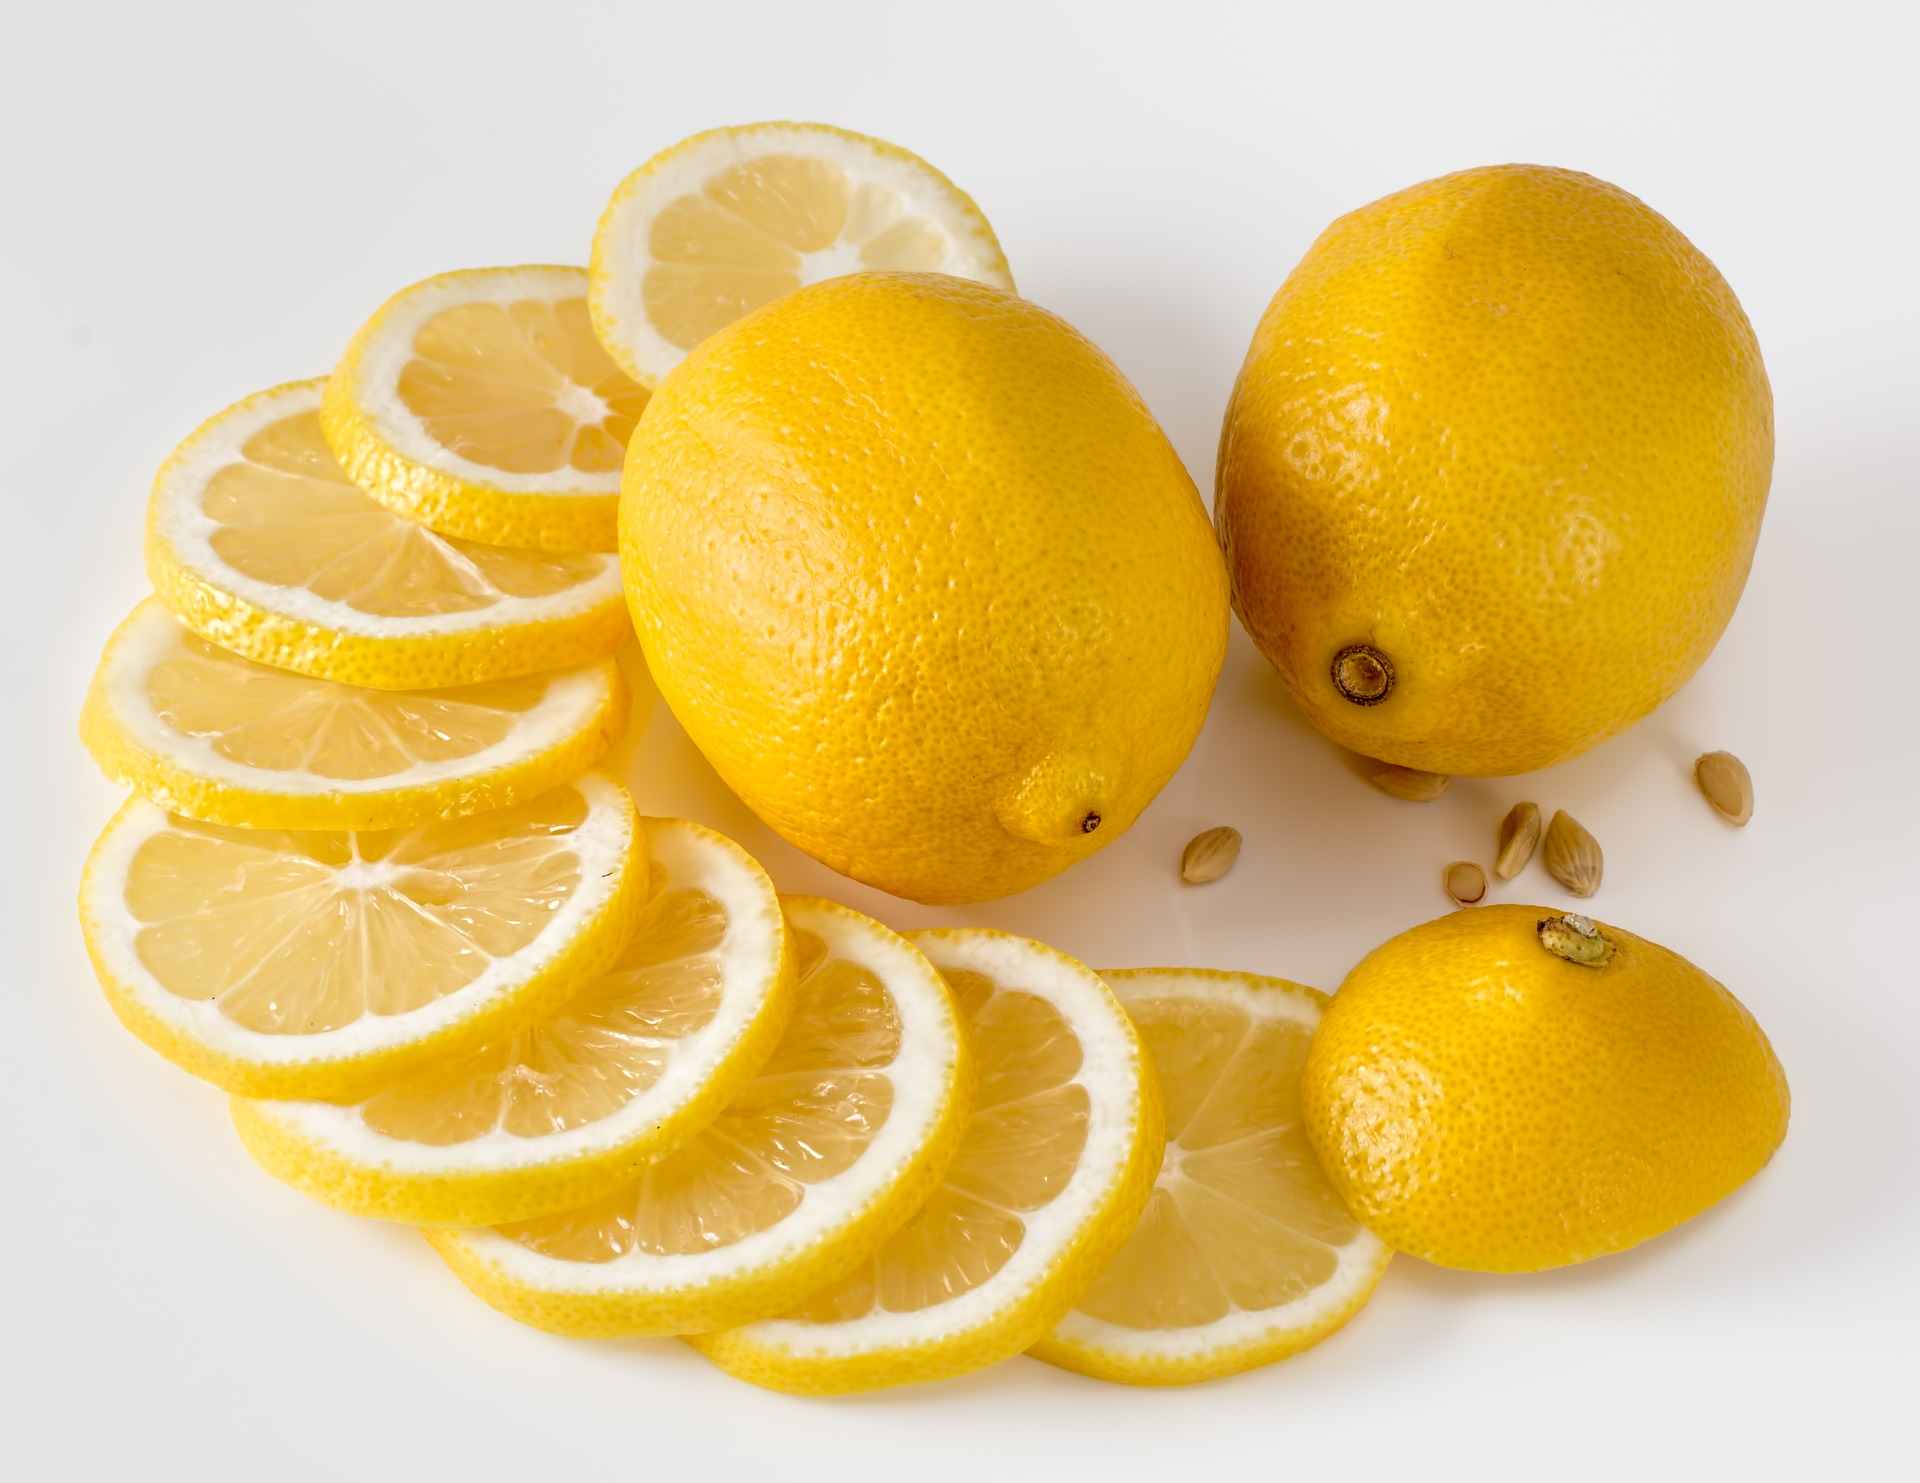 Citron babské rady